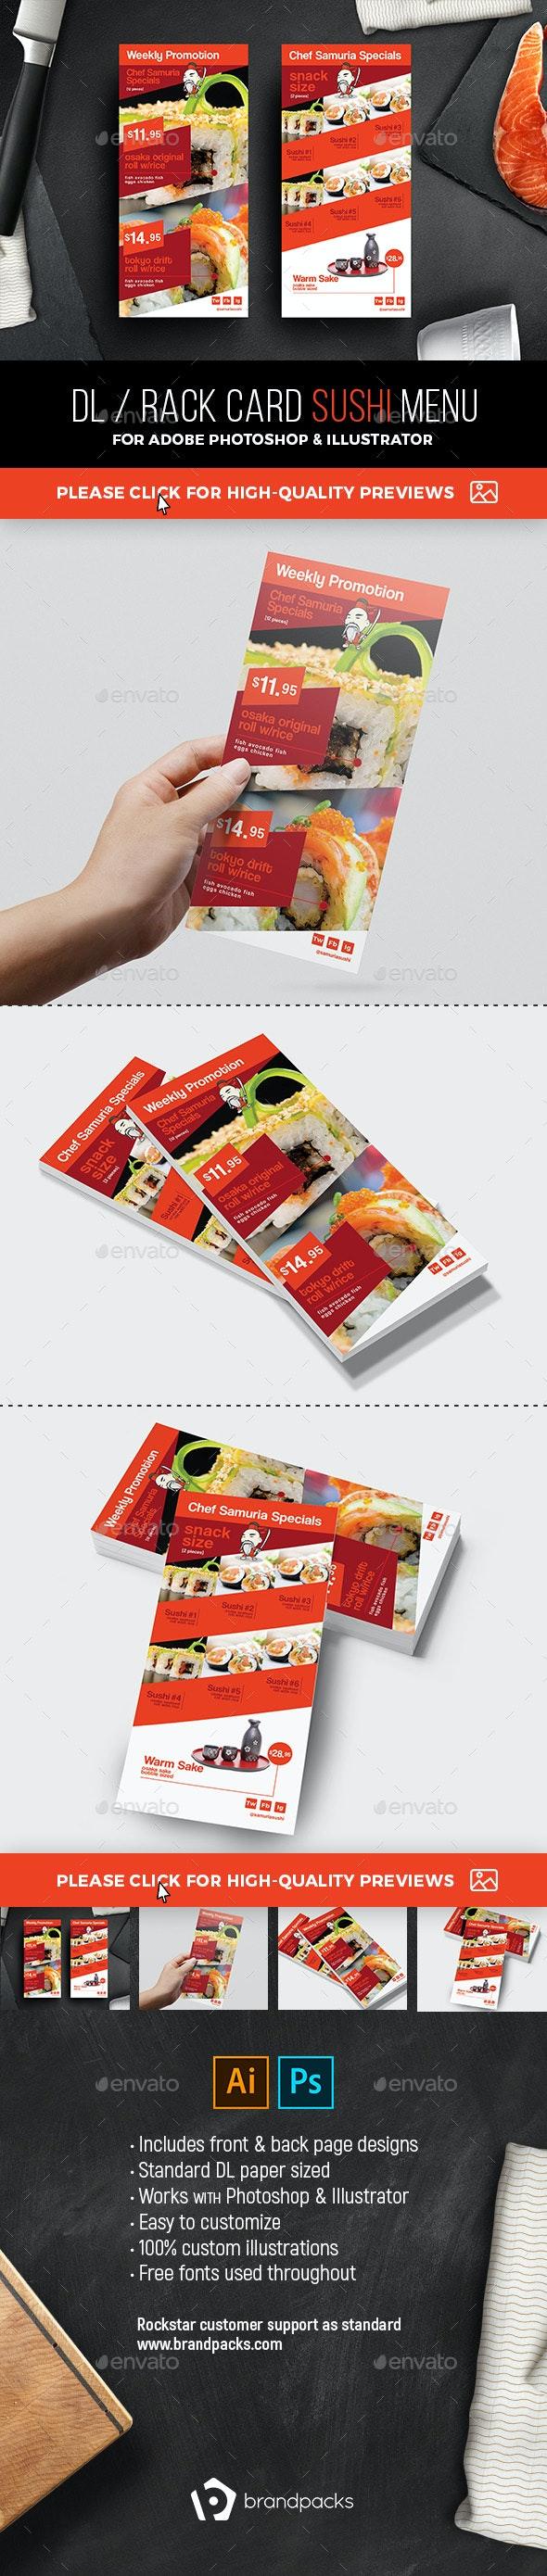 DL Sushi Menu Template - Food Menus Print Templates